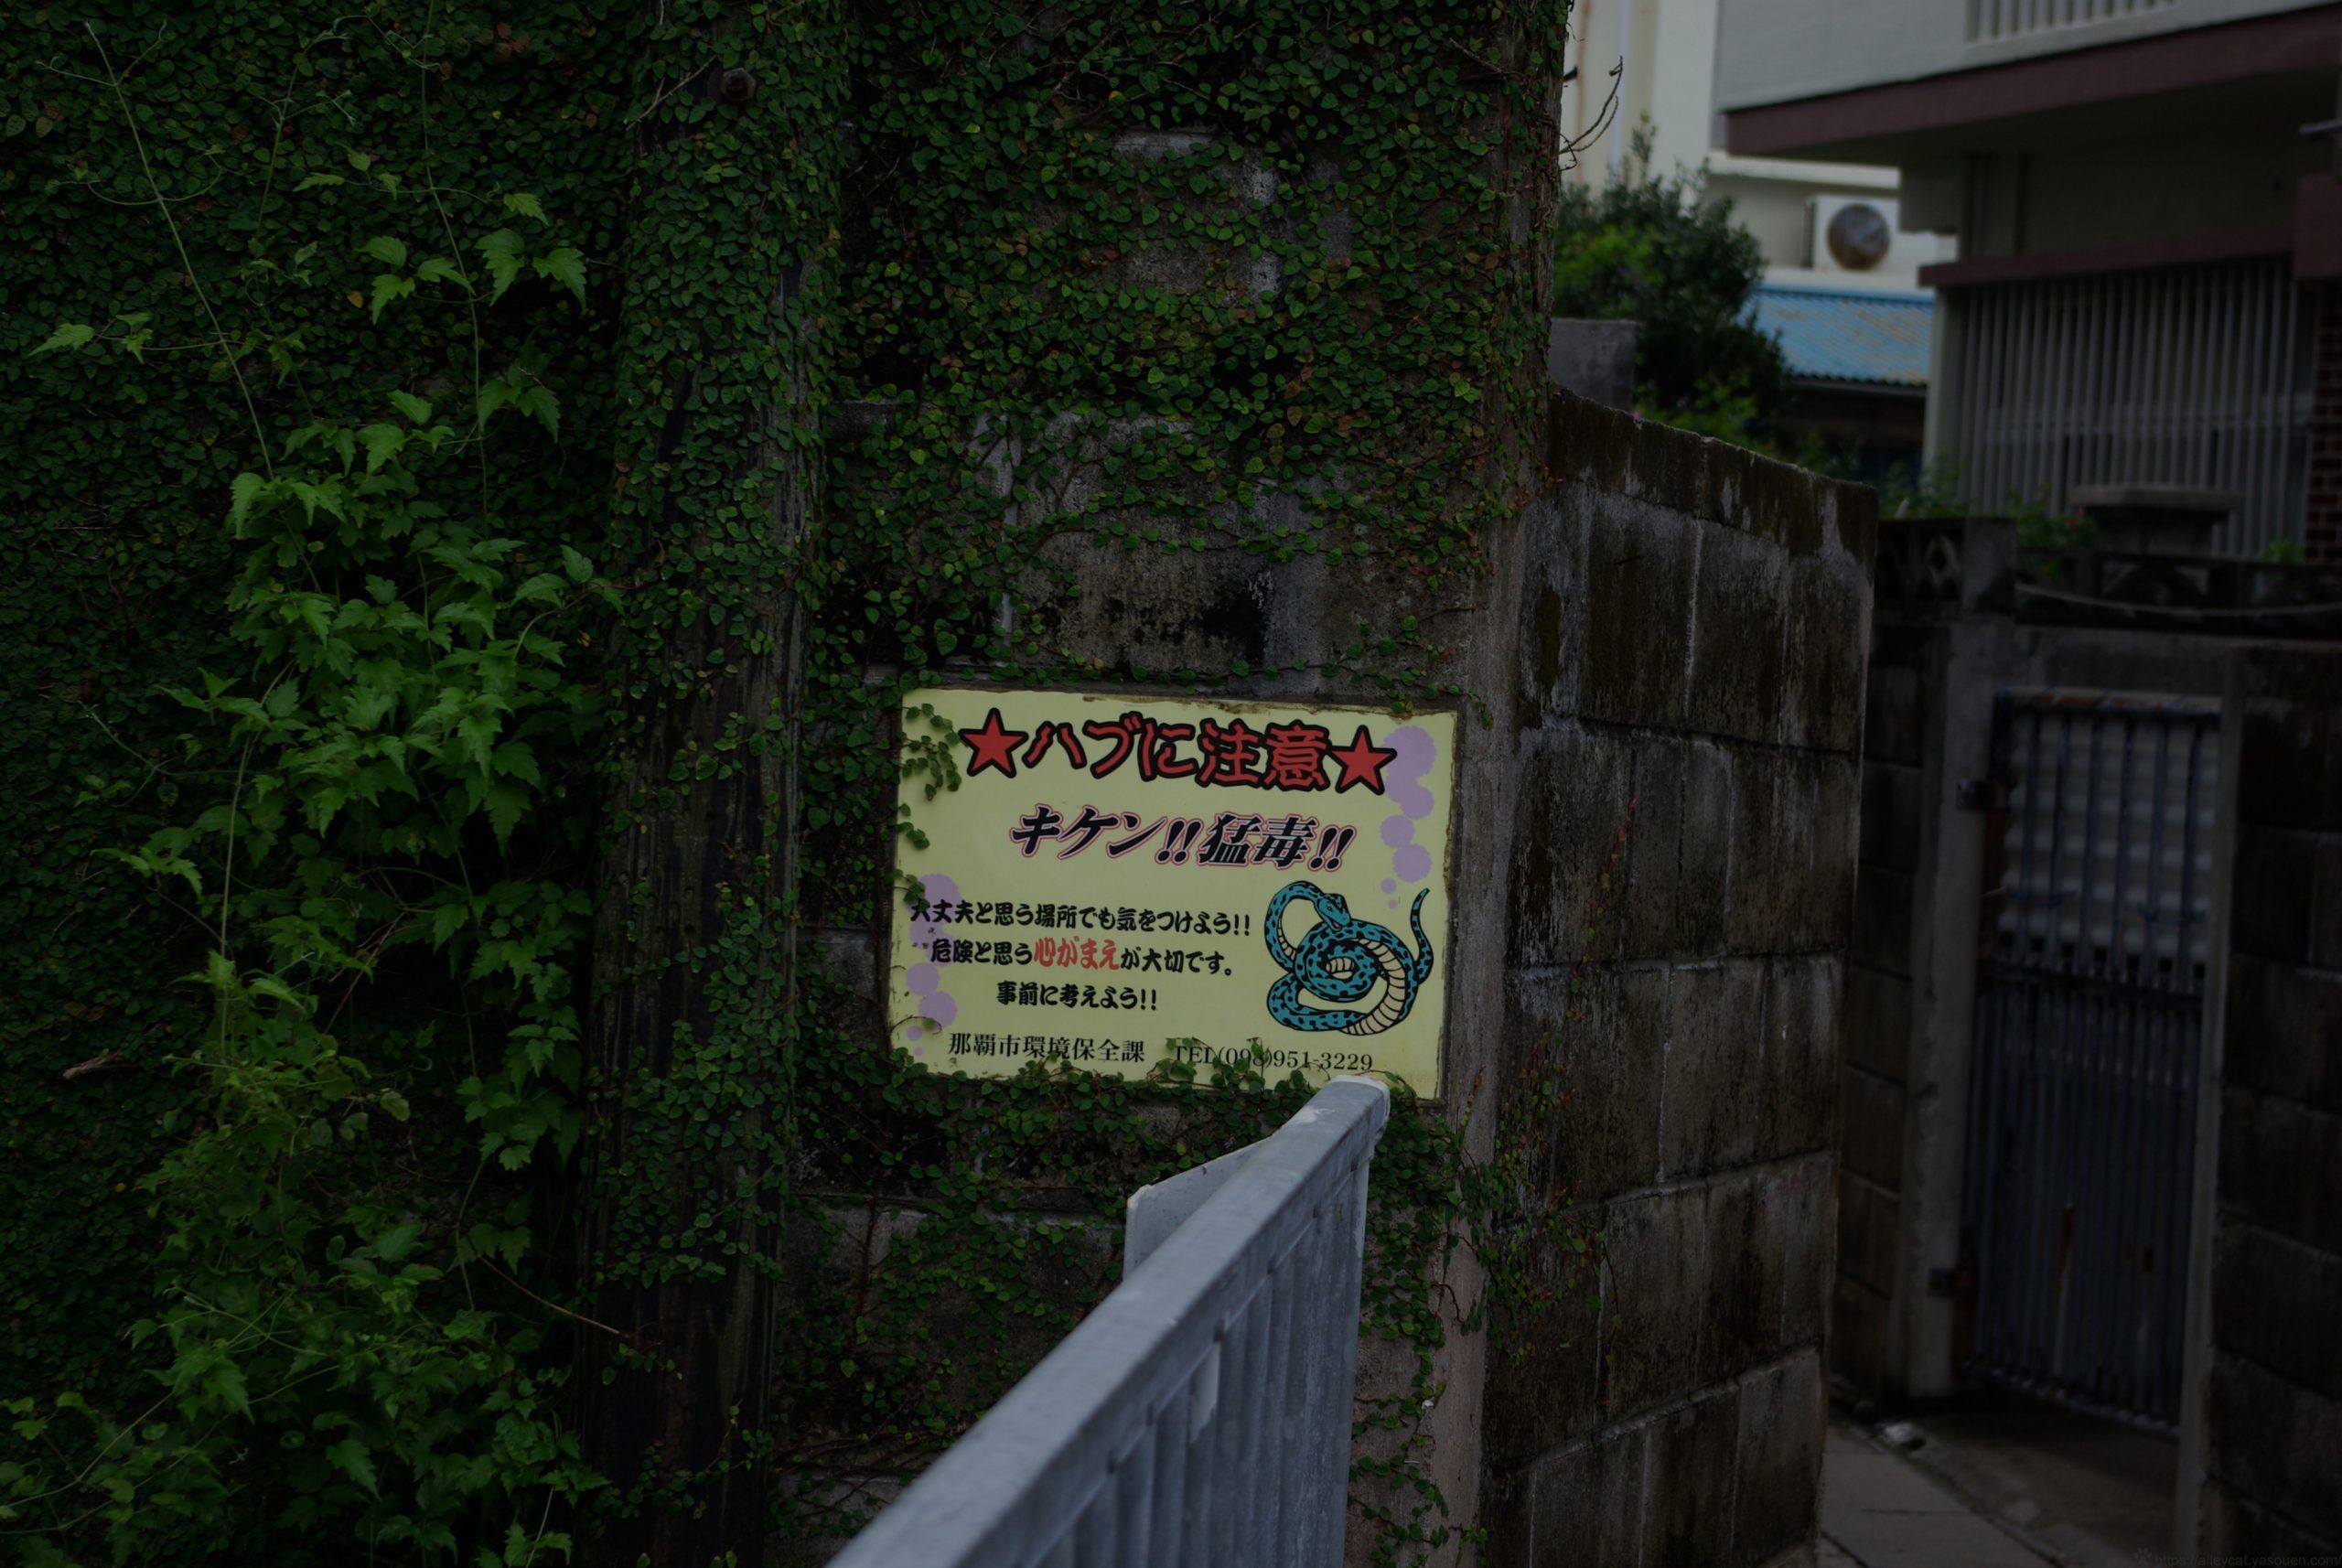 Naha, Japan, 2012